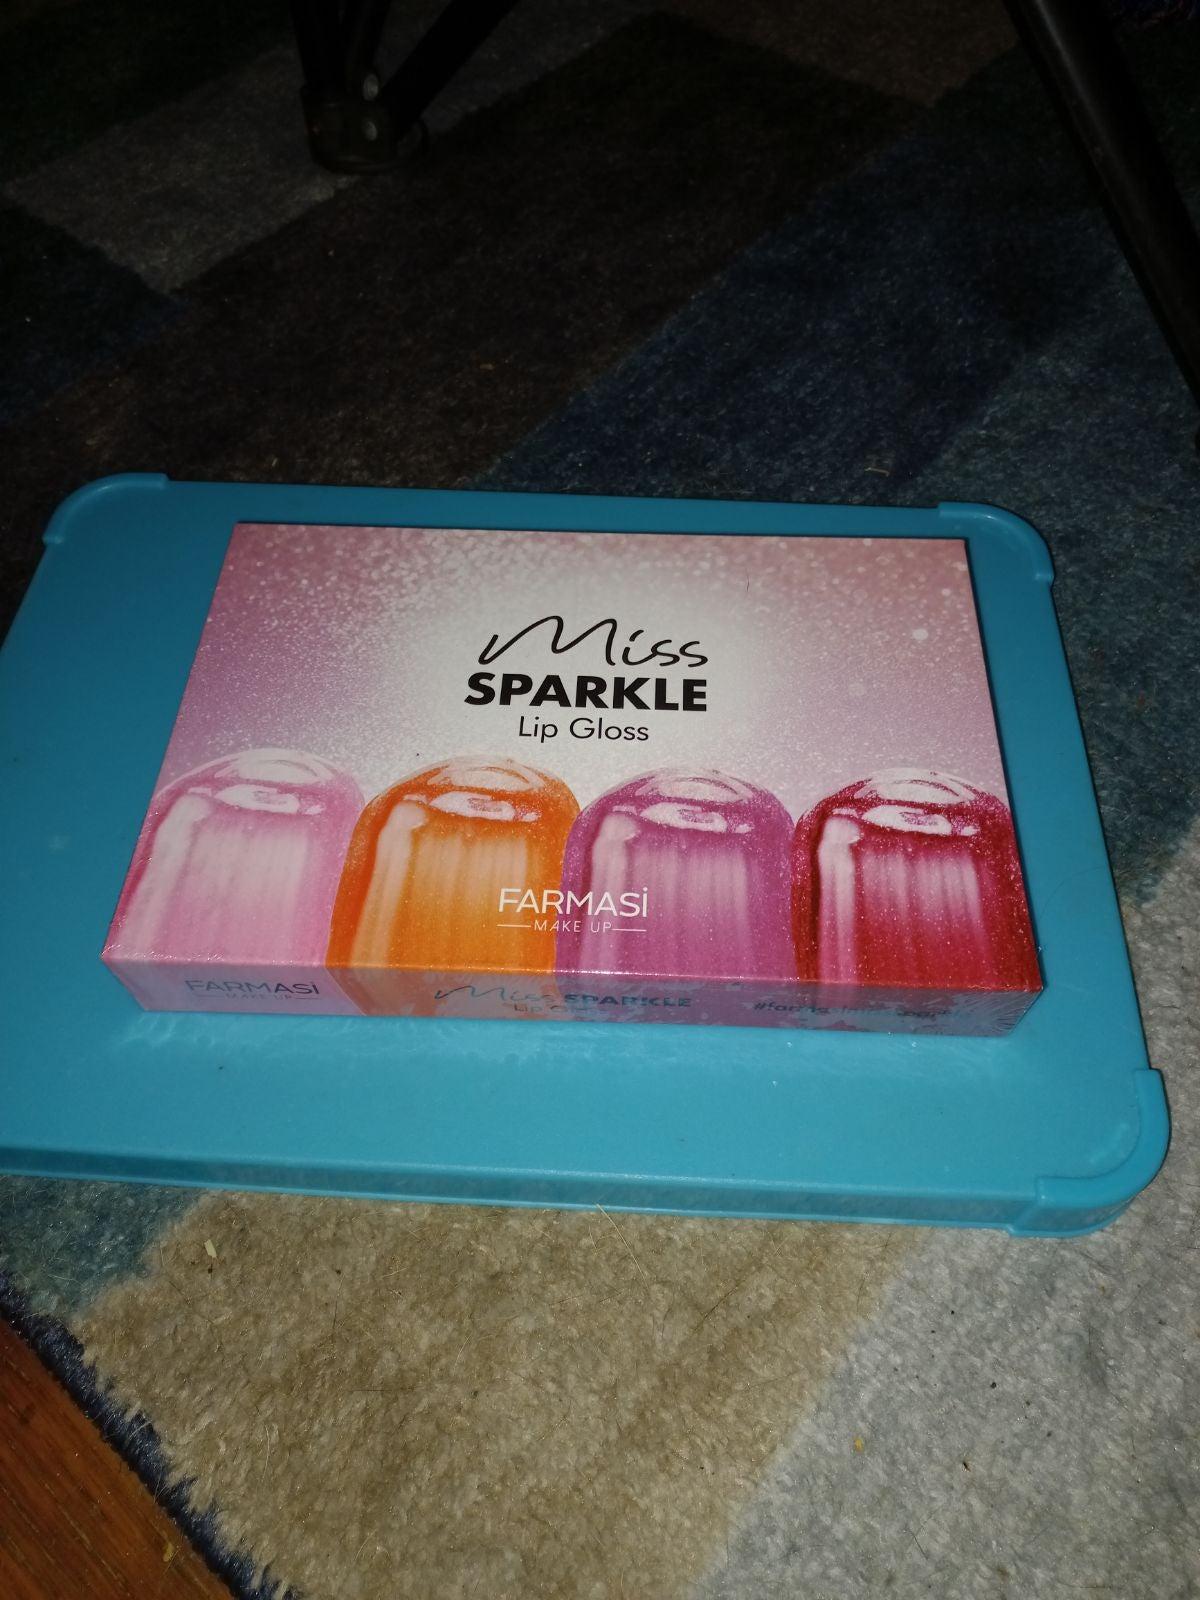 Farmasi lip gloss set